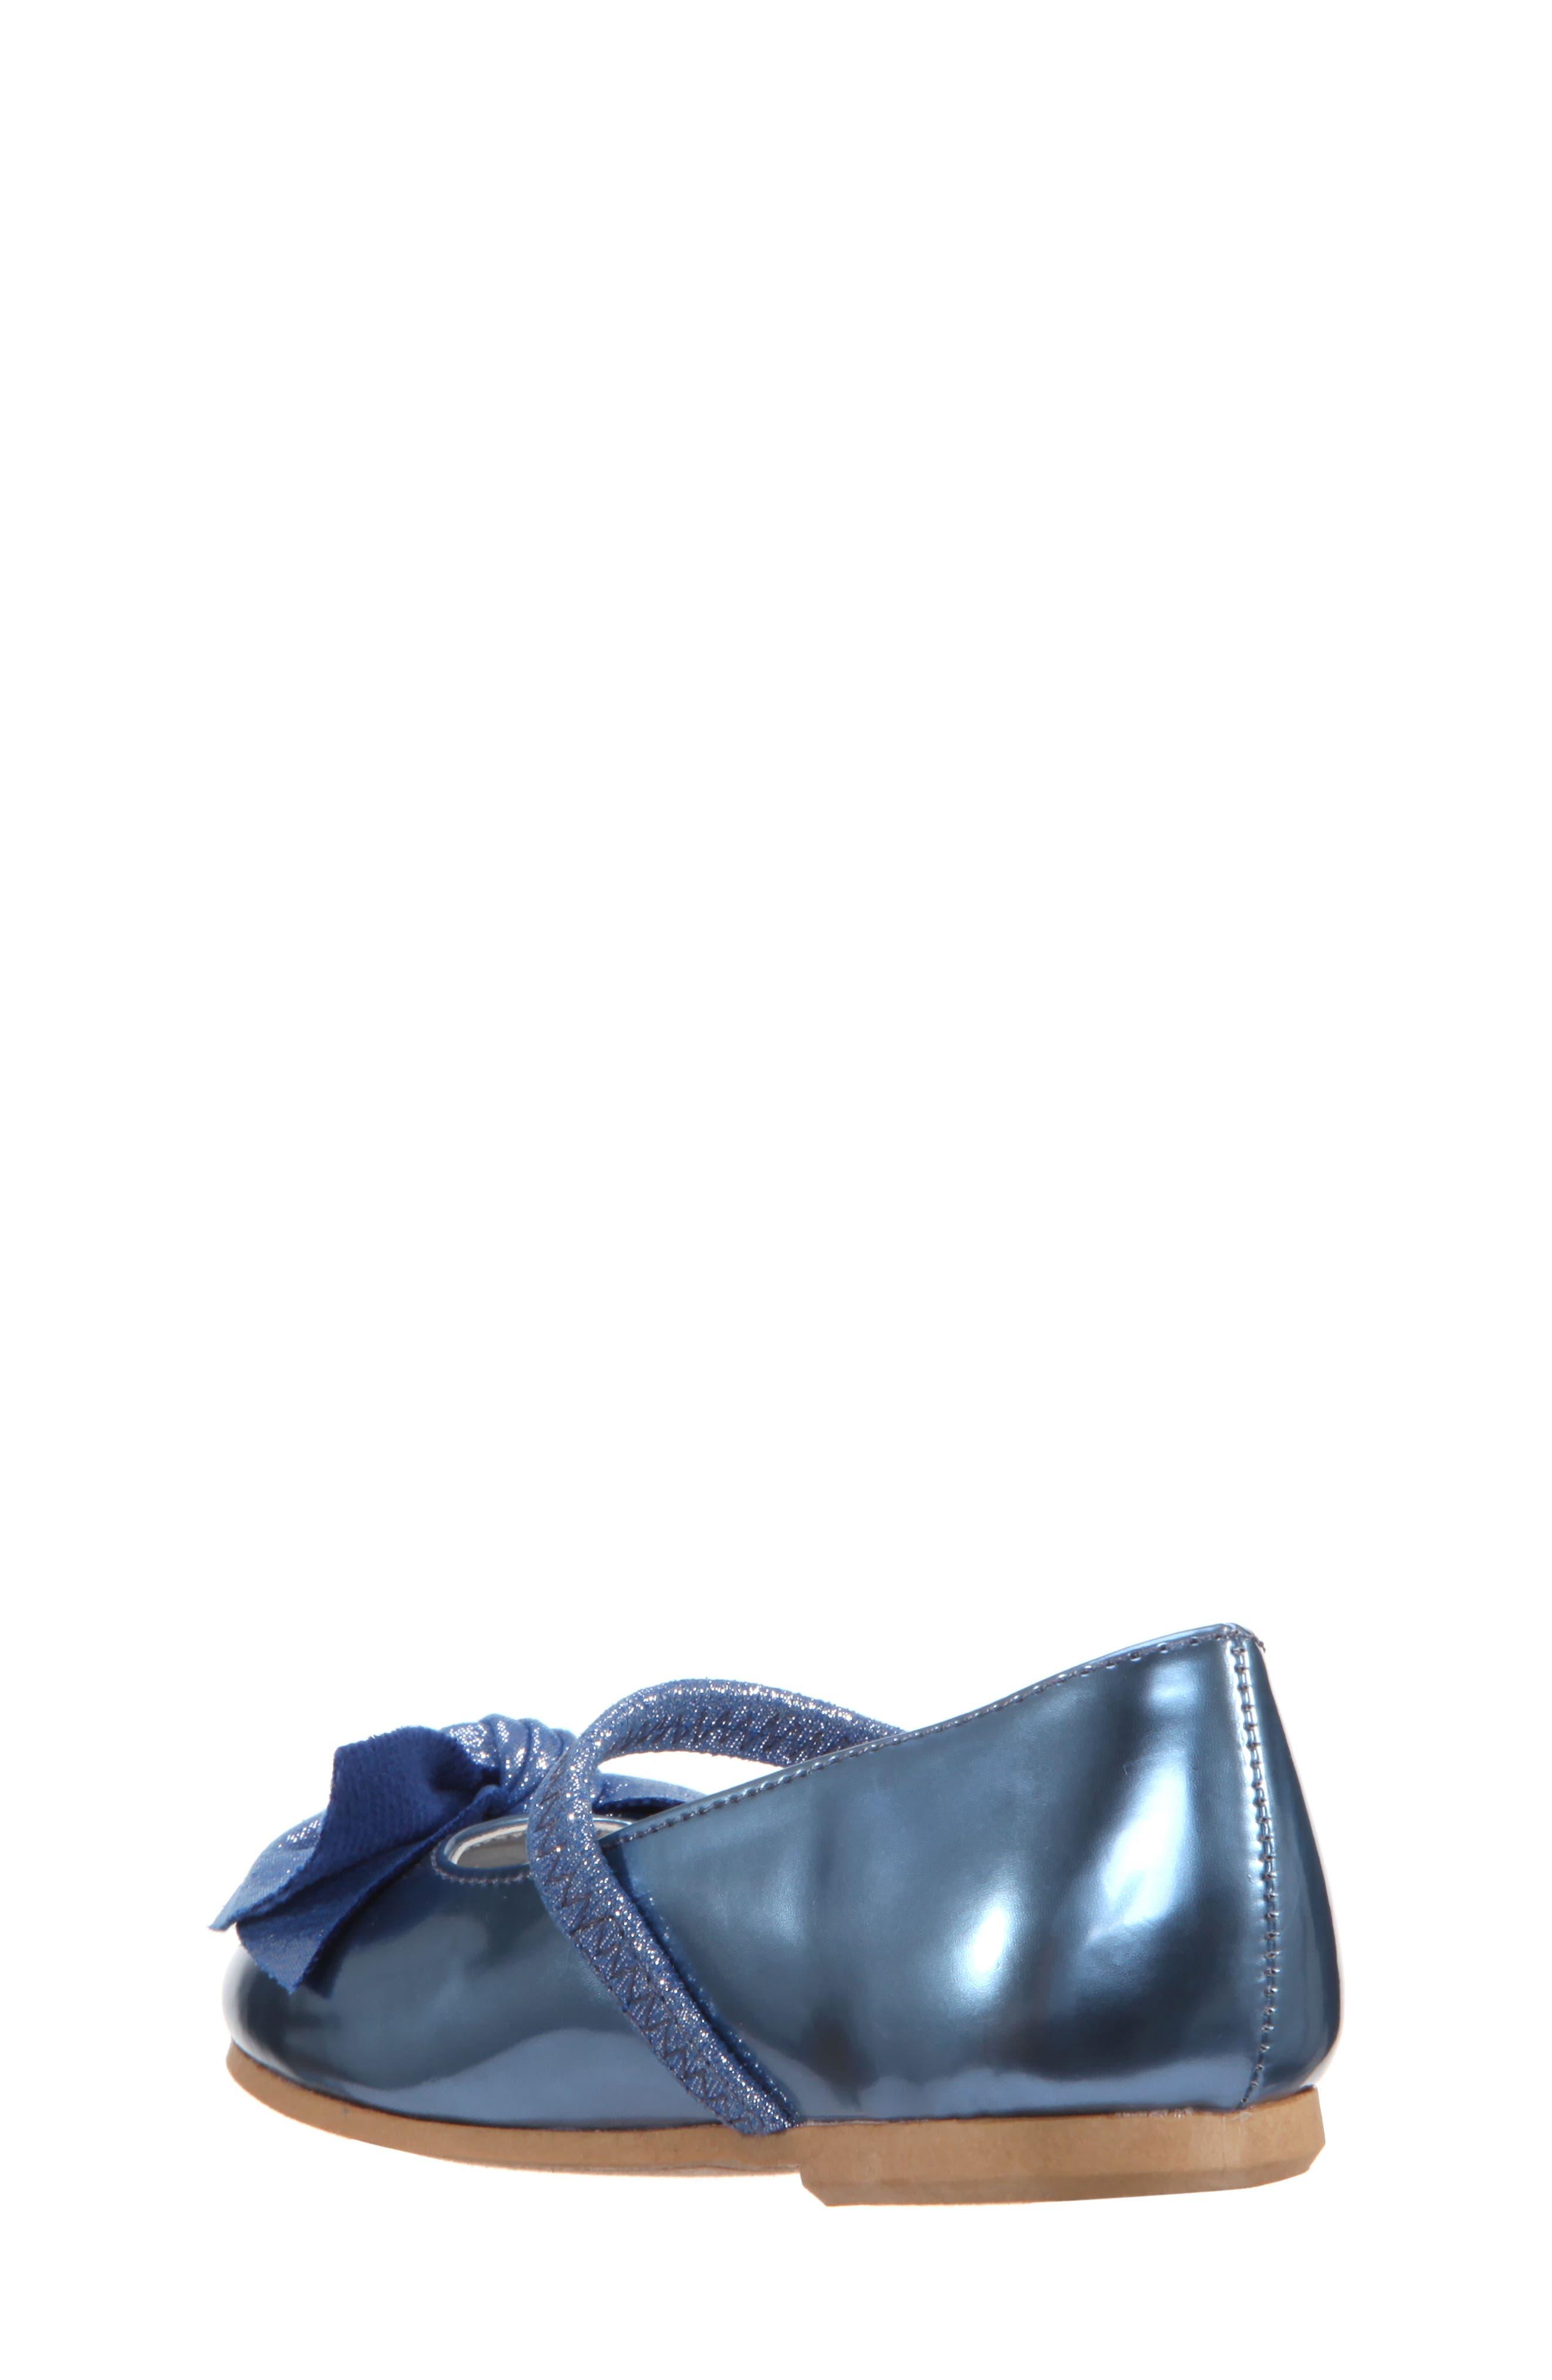 Kaytelyn-T Glitter Bow Ballet Flat,                             Alternate thumbnail 2, color,                             Blue Mirror Metallic